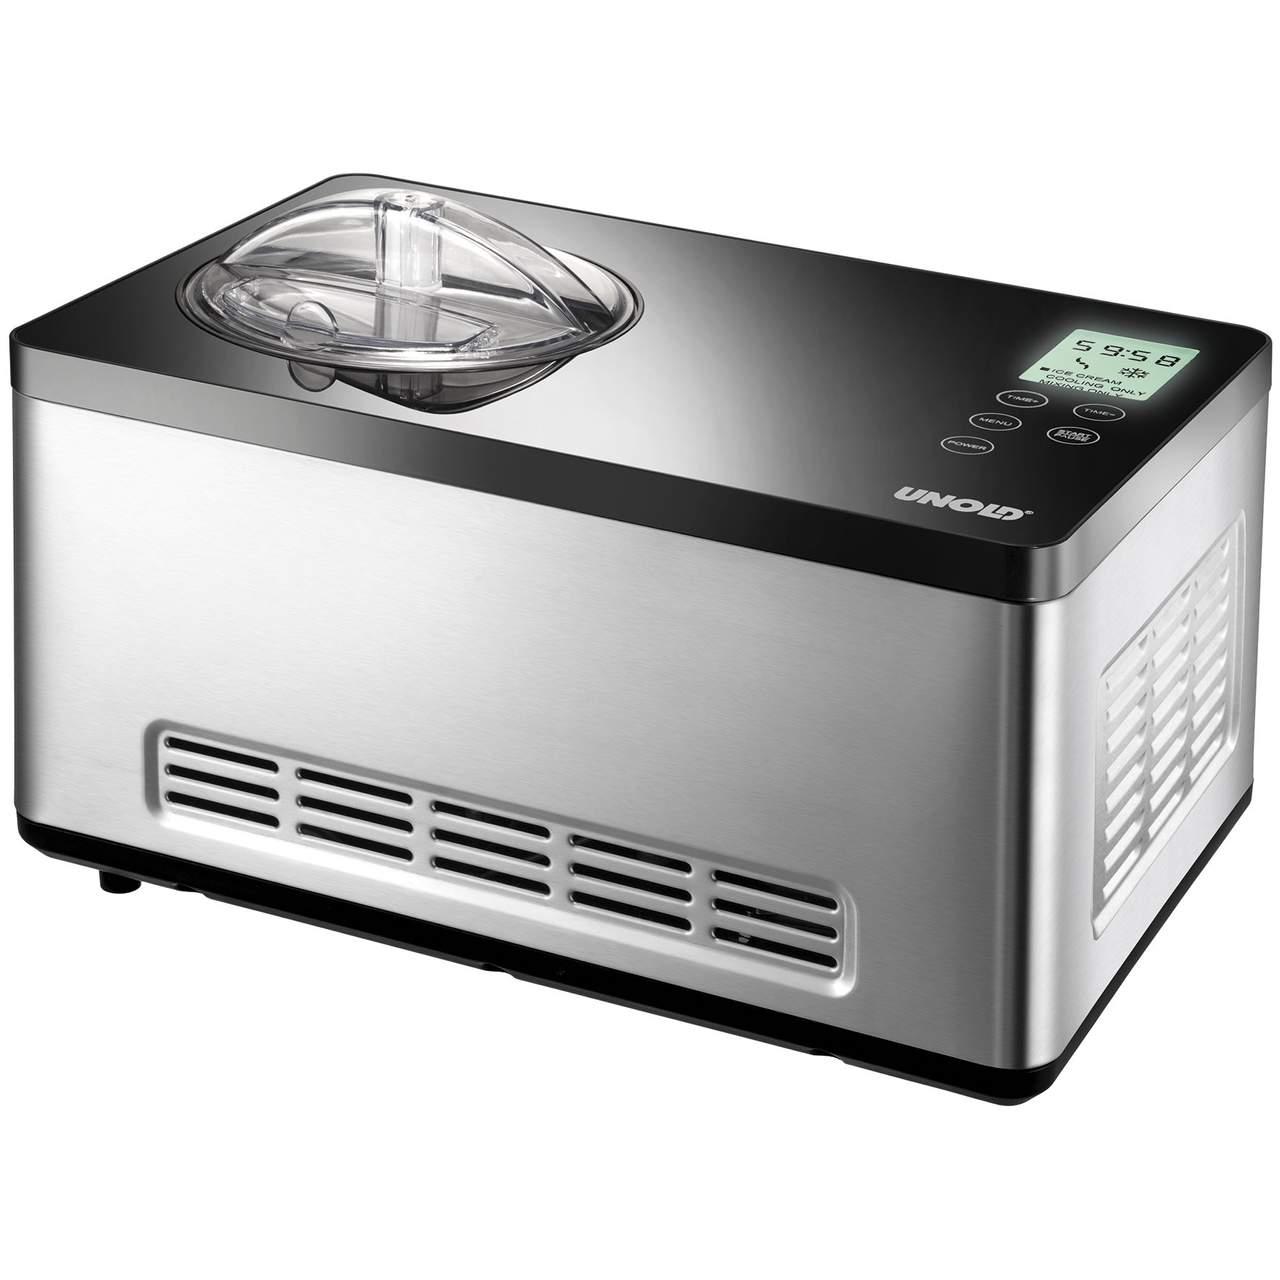 Vollautomatische Kompressor Eismaschine selbsk/ühlend mit zweiter Sch/üssel f/ür 2 x 2 Liter leckeres Eis 180 Watt